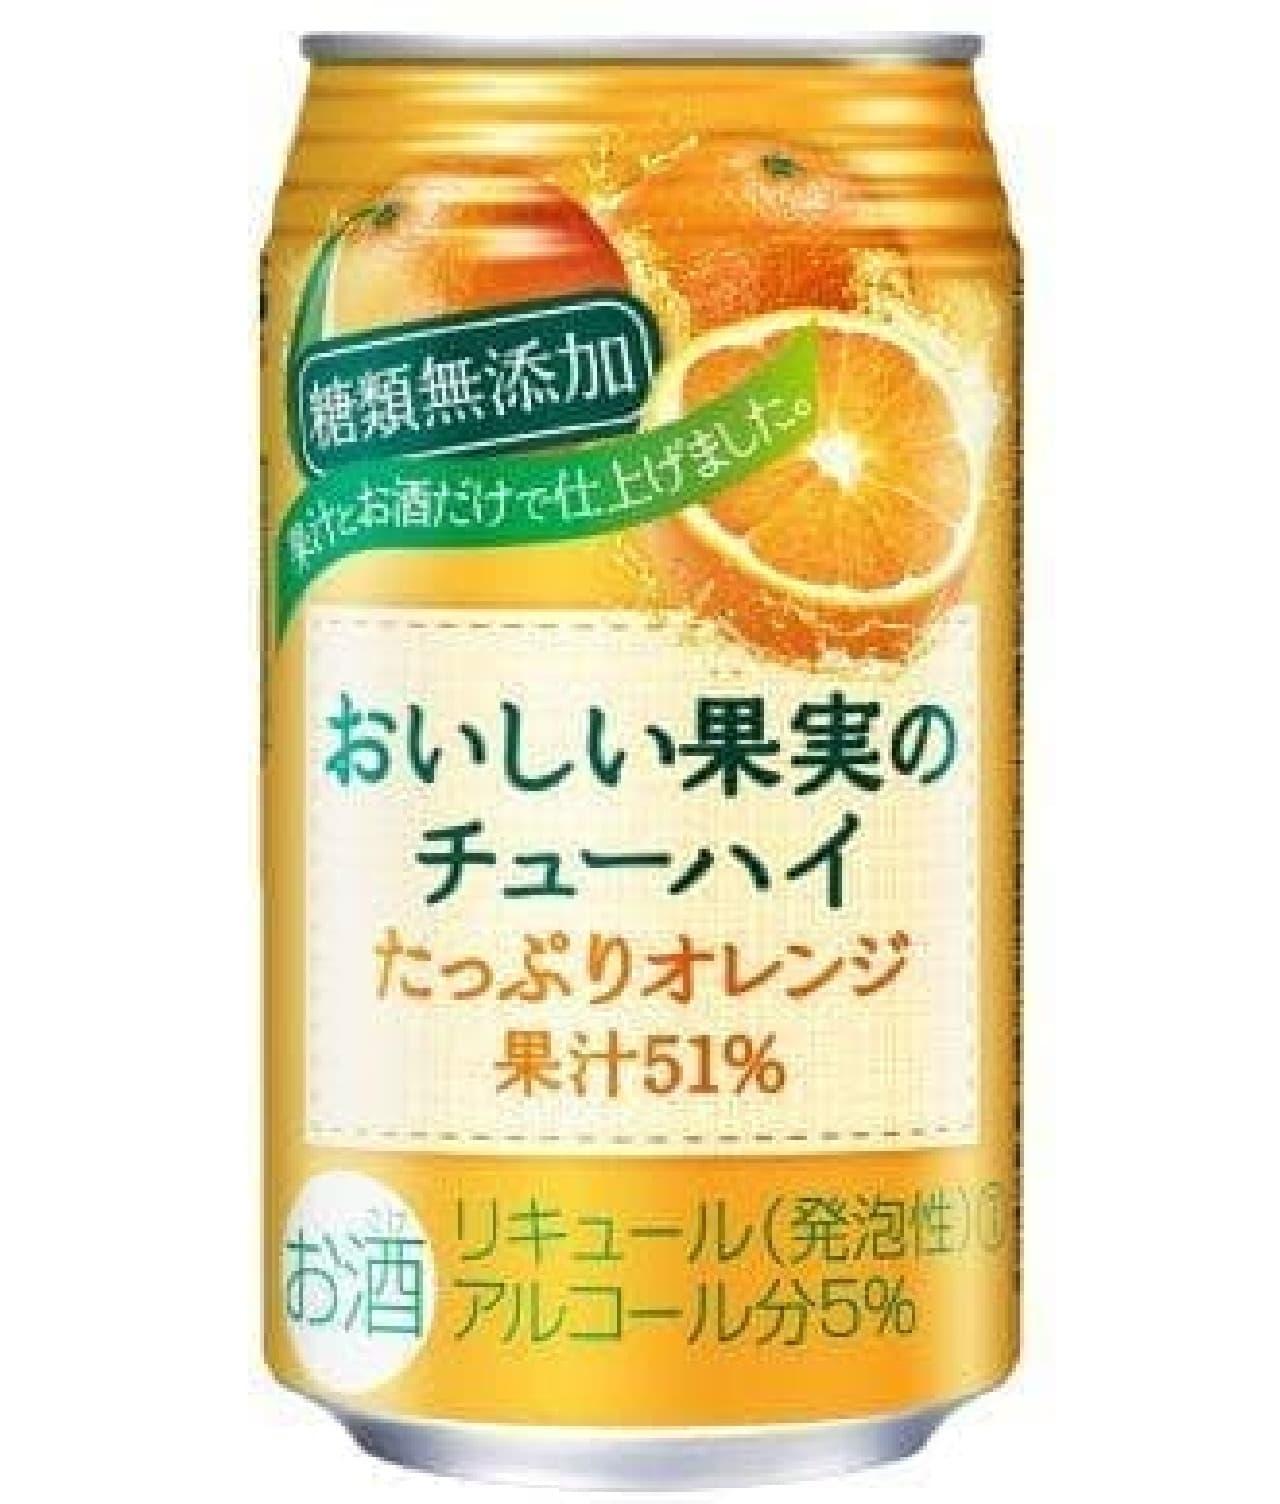 「おいしい果実のチューハイ たっぷりオレンジ」期間限定販売